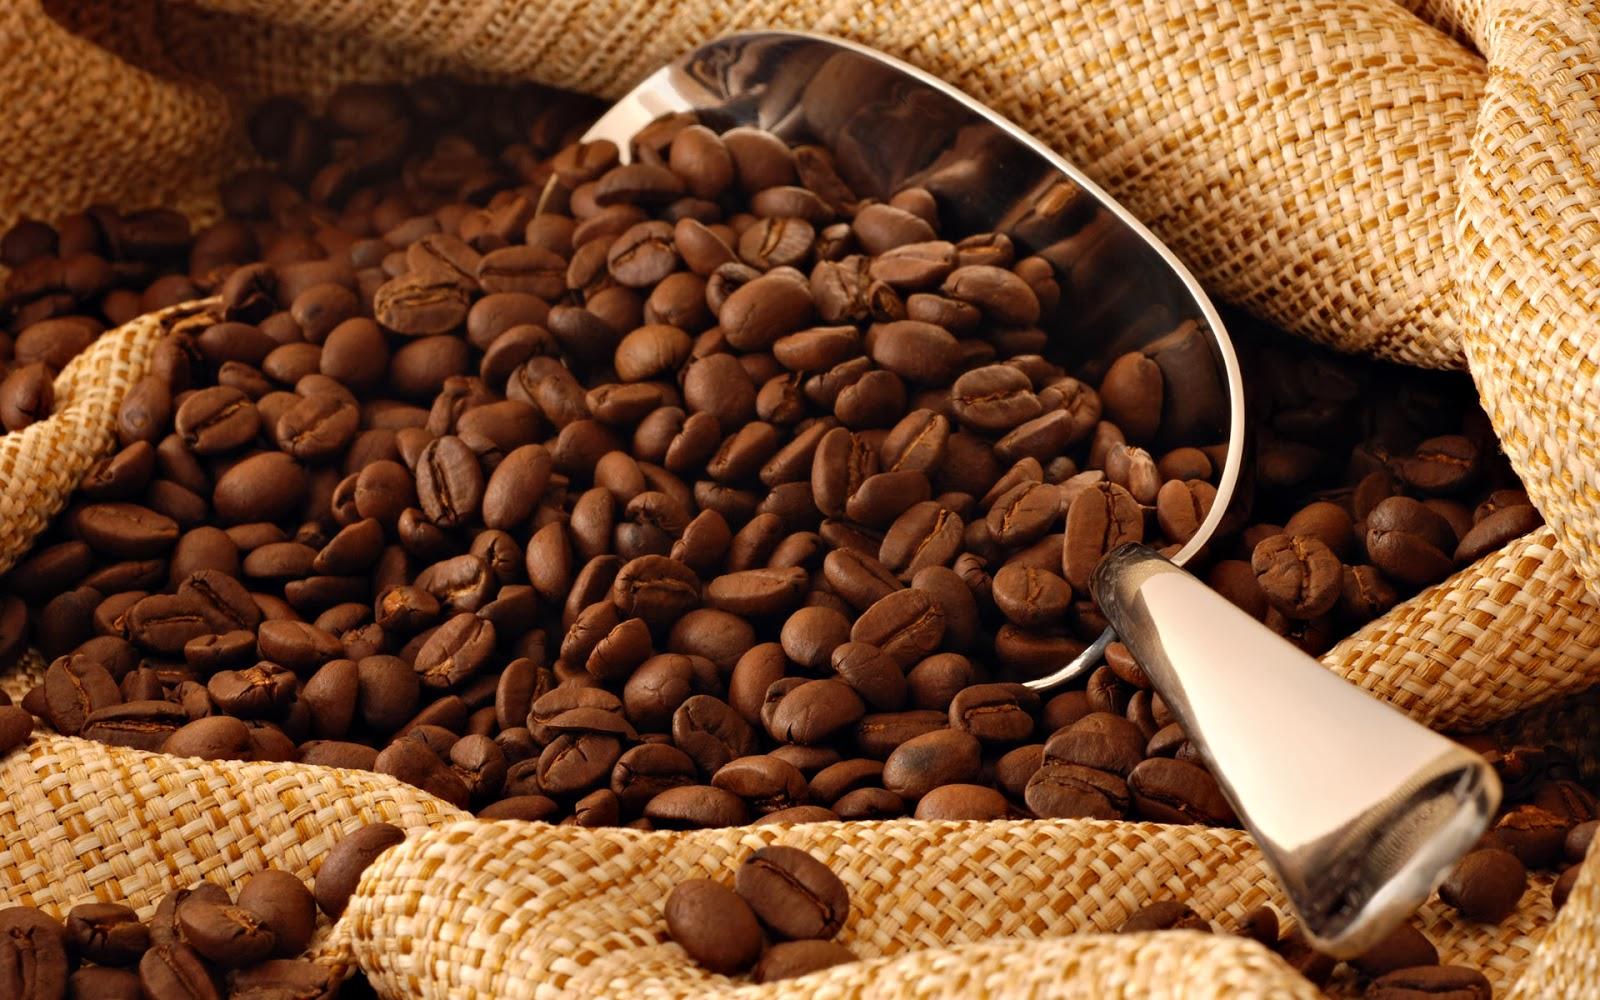 خلطات طبيعية من القهوة لتبييض البشرة وترطيبها